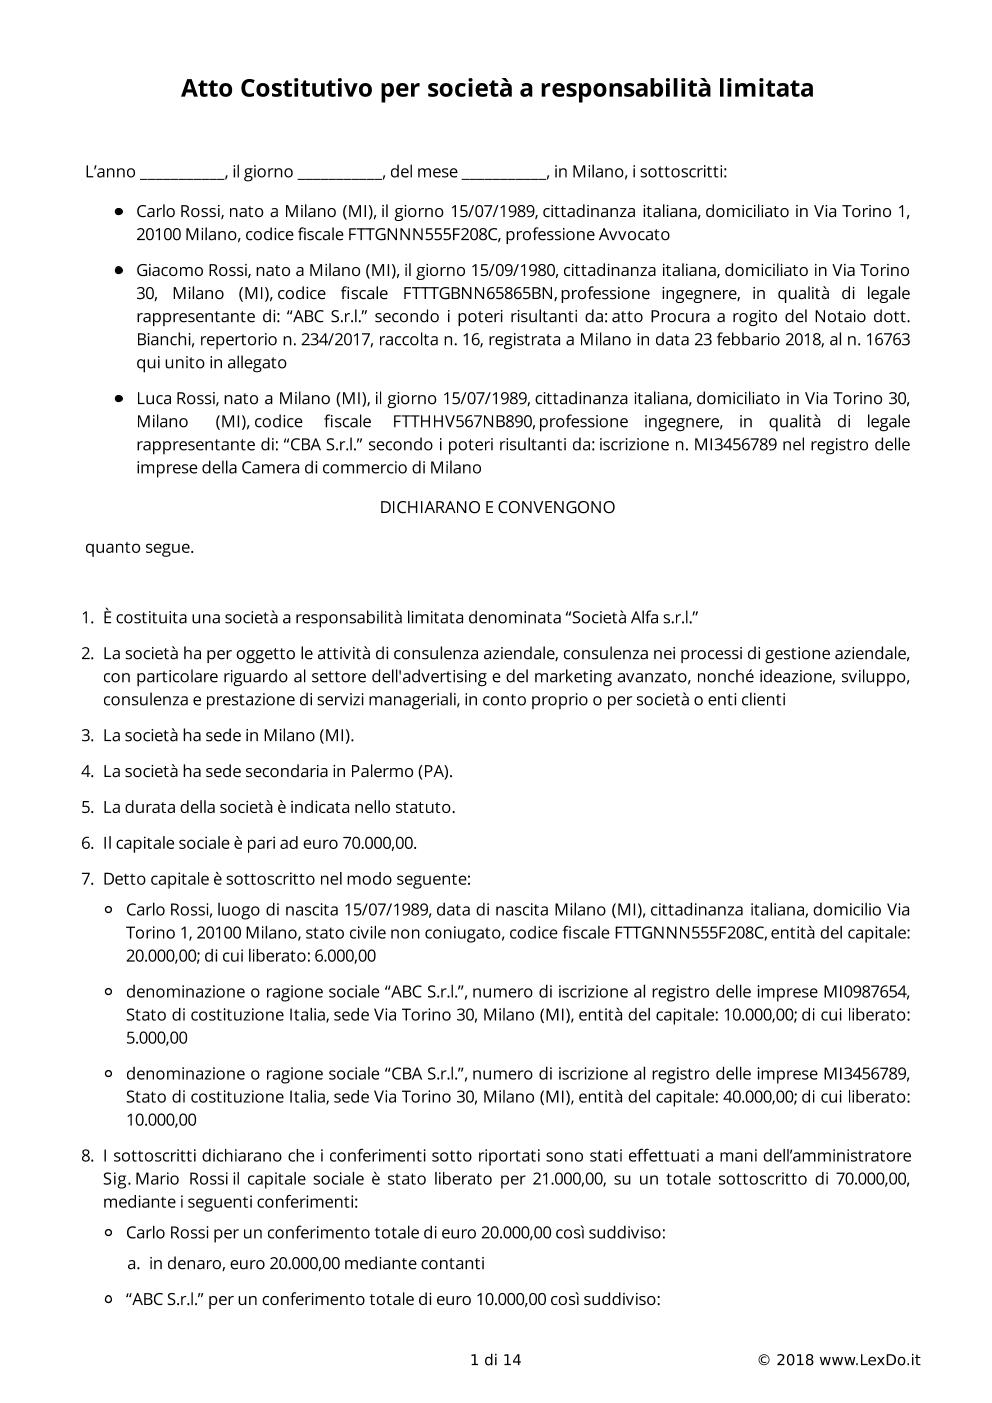 Statuto e Atto Costitutivo Srl modello